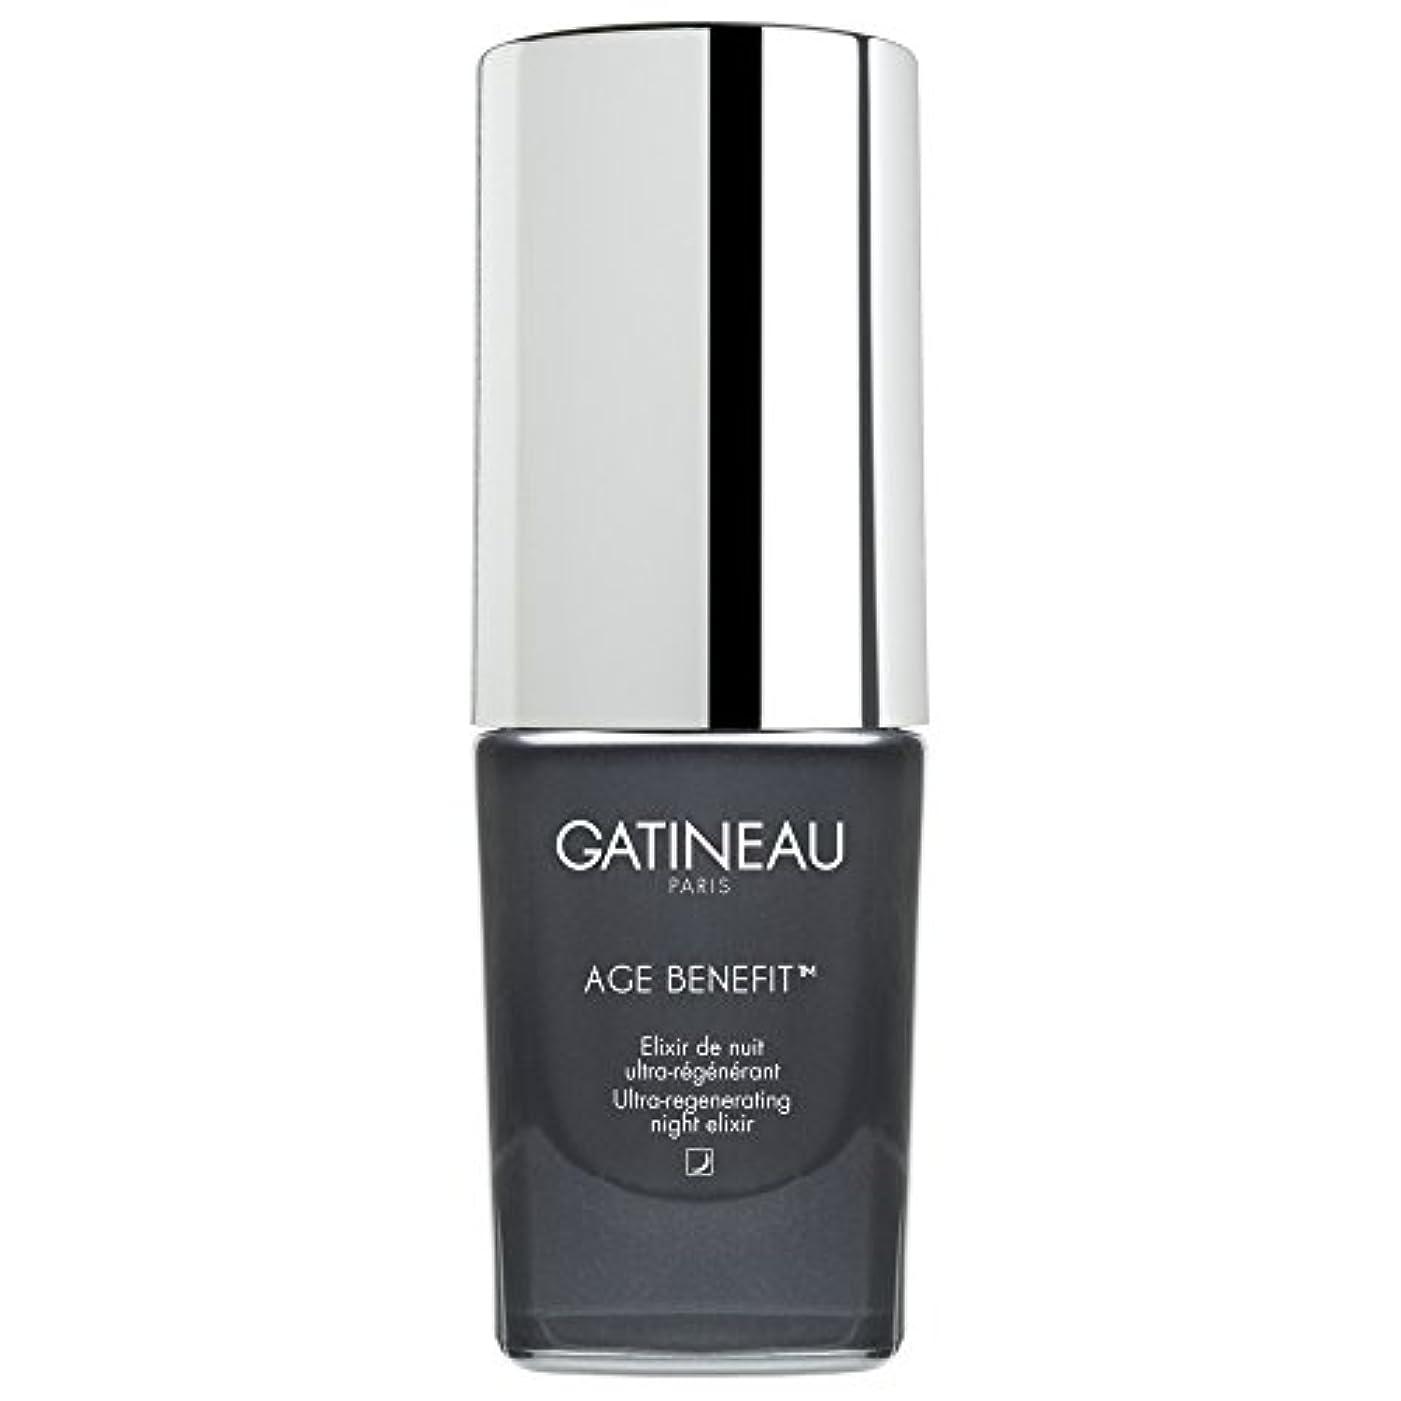 バインドボトルネック配管工ガティノー年齢給付超再生夜のエリクシルの15ミリリットル (Gatineau) - Gatineau Age Benefit Ultra-Regenerating Night Elixir 15ml [並行輸入品]